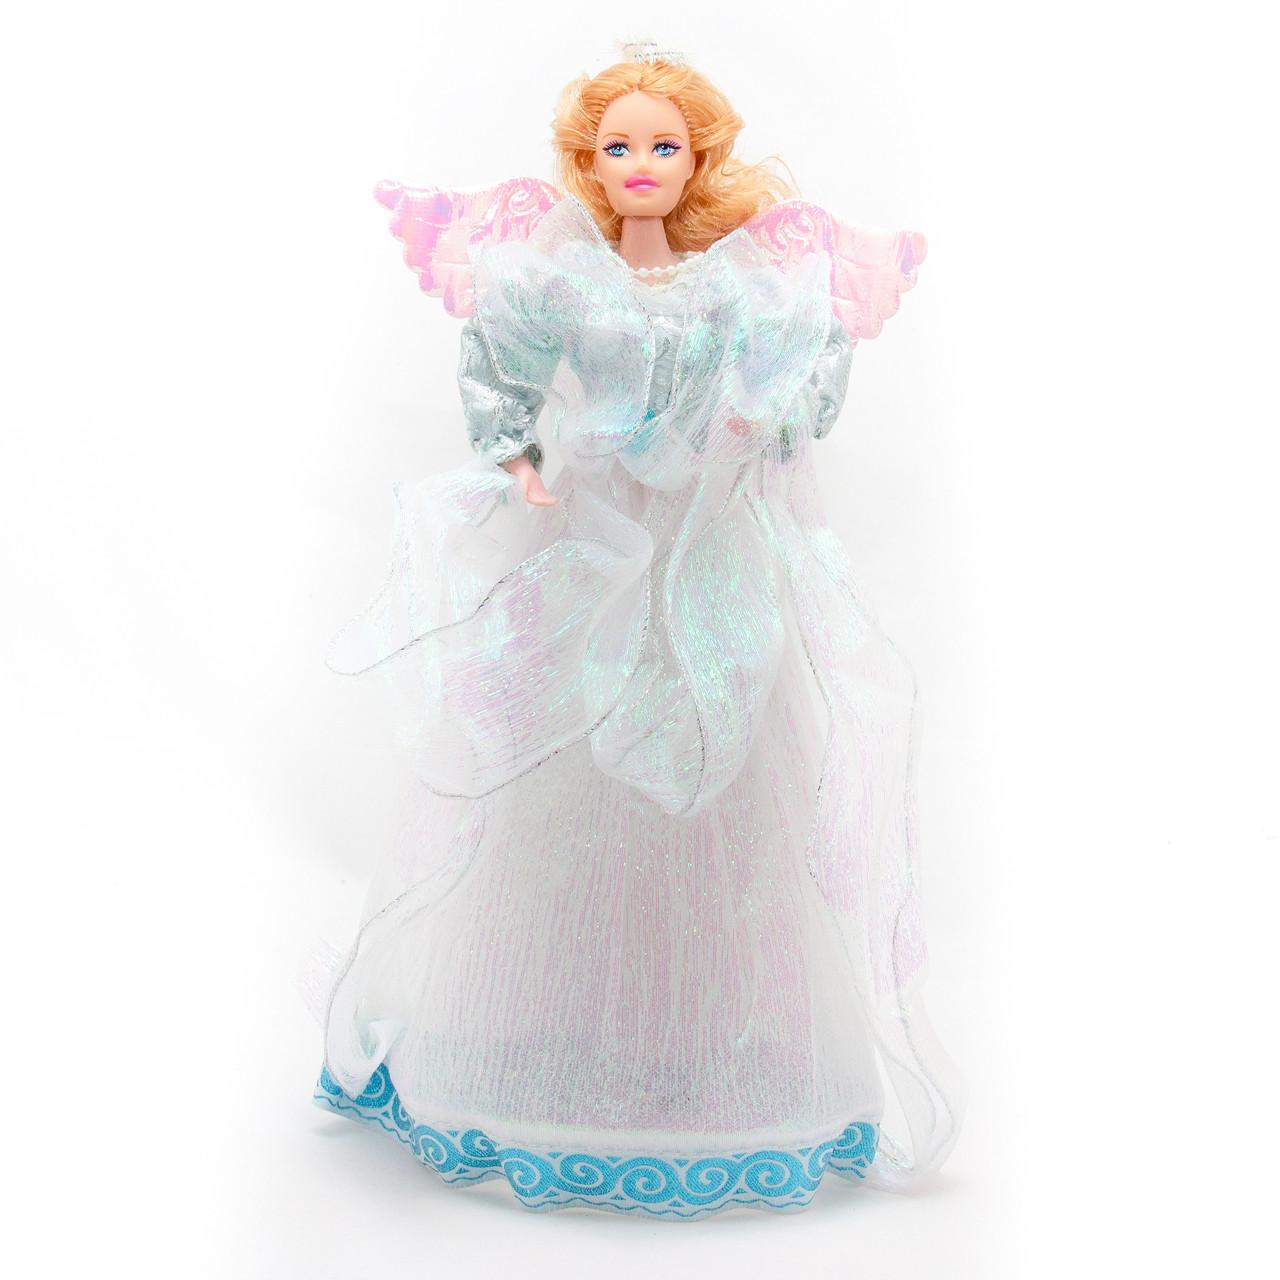 Новогодний сувенир - Ангел 33 см, белый (180493-5)